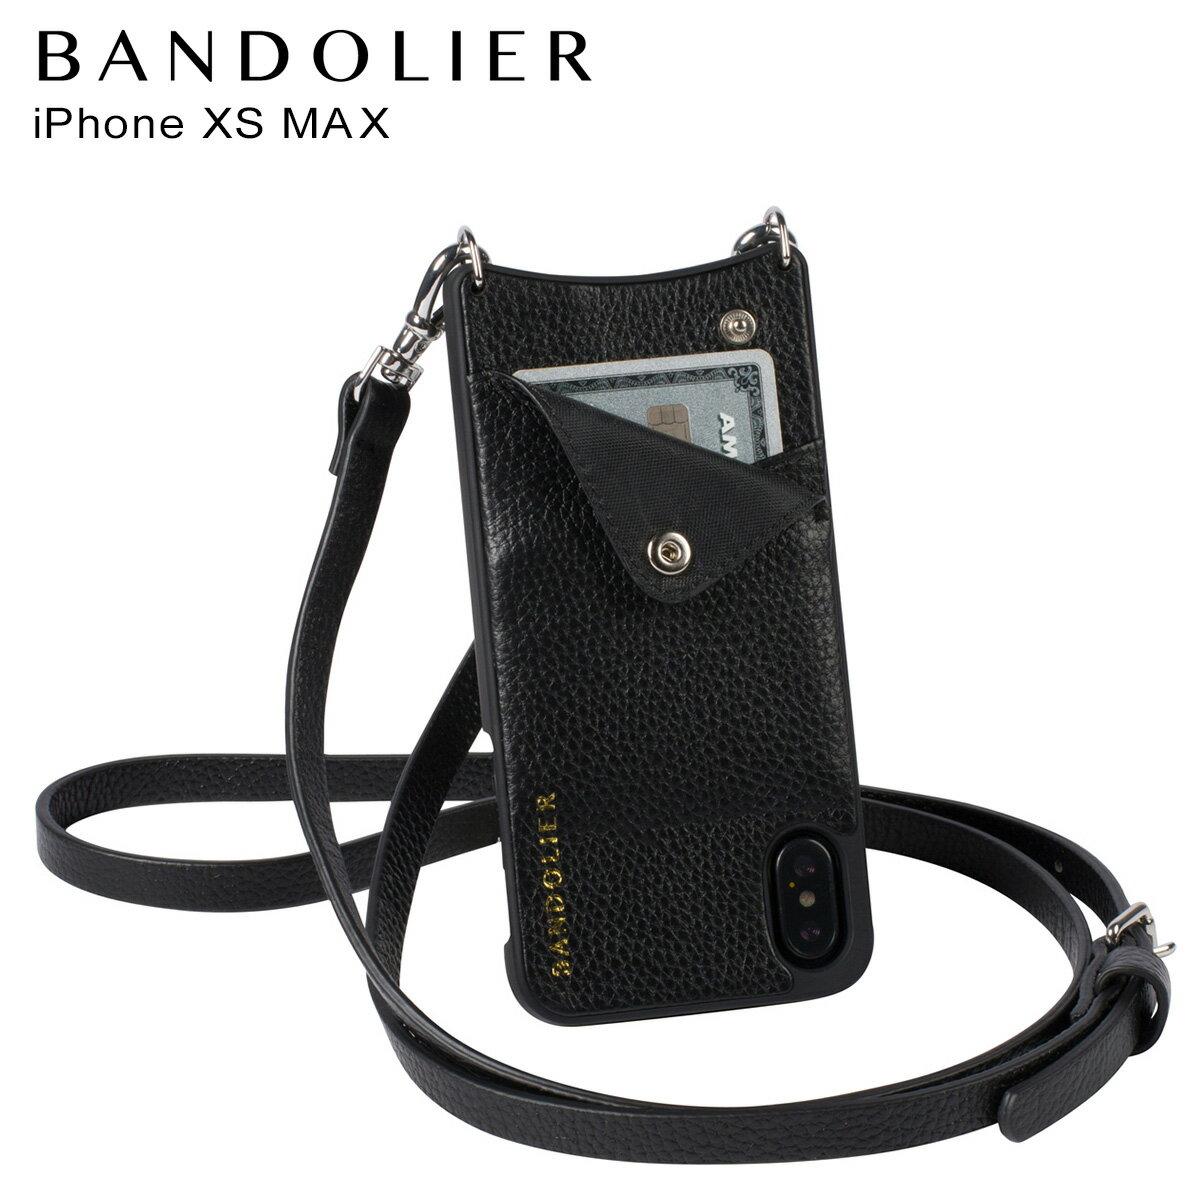 BANDOLIER バンドリヤー iPhone XS MAX ケース ショルダー スマホ アイフォン レザー EMMA SILVER メンズ レディース ブラック 10EMM1001 [4/18 再入荷]